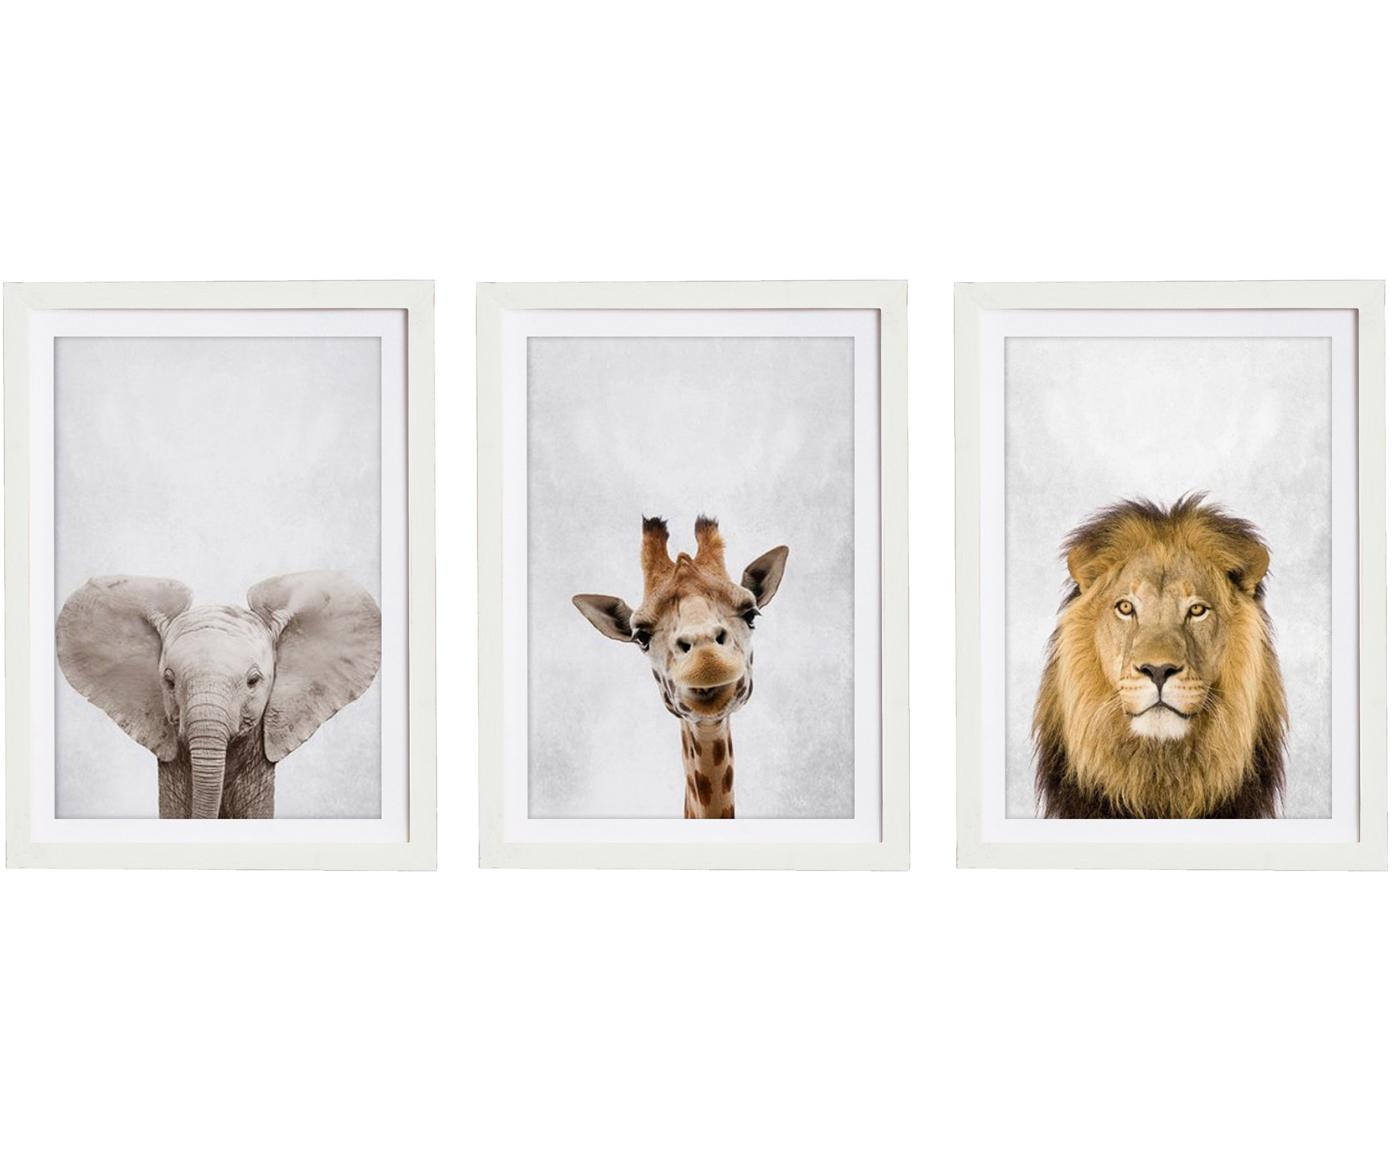 Set de impresiones digitales enmarcadas Wild Animals, 3pzas., Fotografía: impresión digital sobre p, Multicolor, An 30 x Al 40 cm